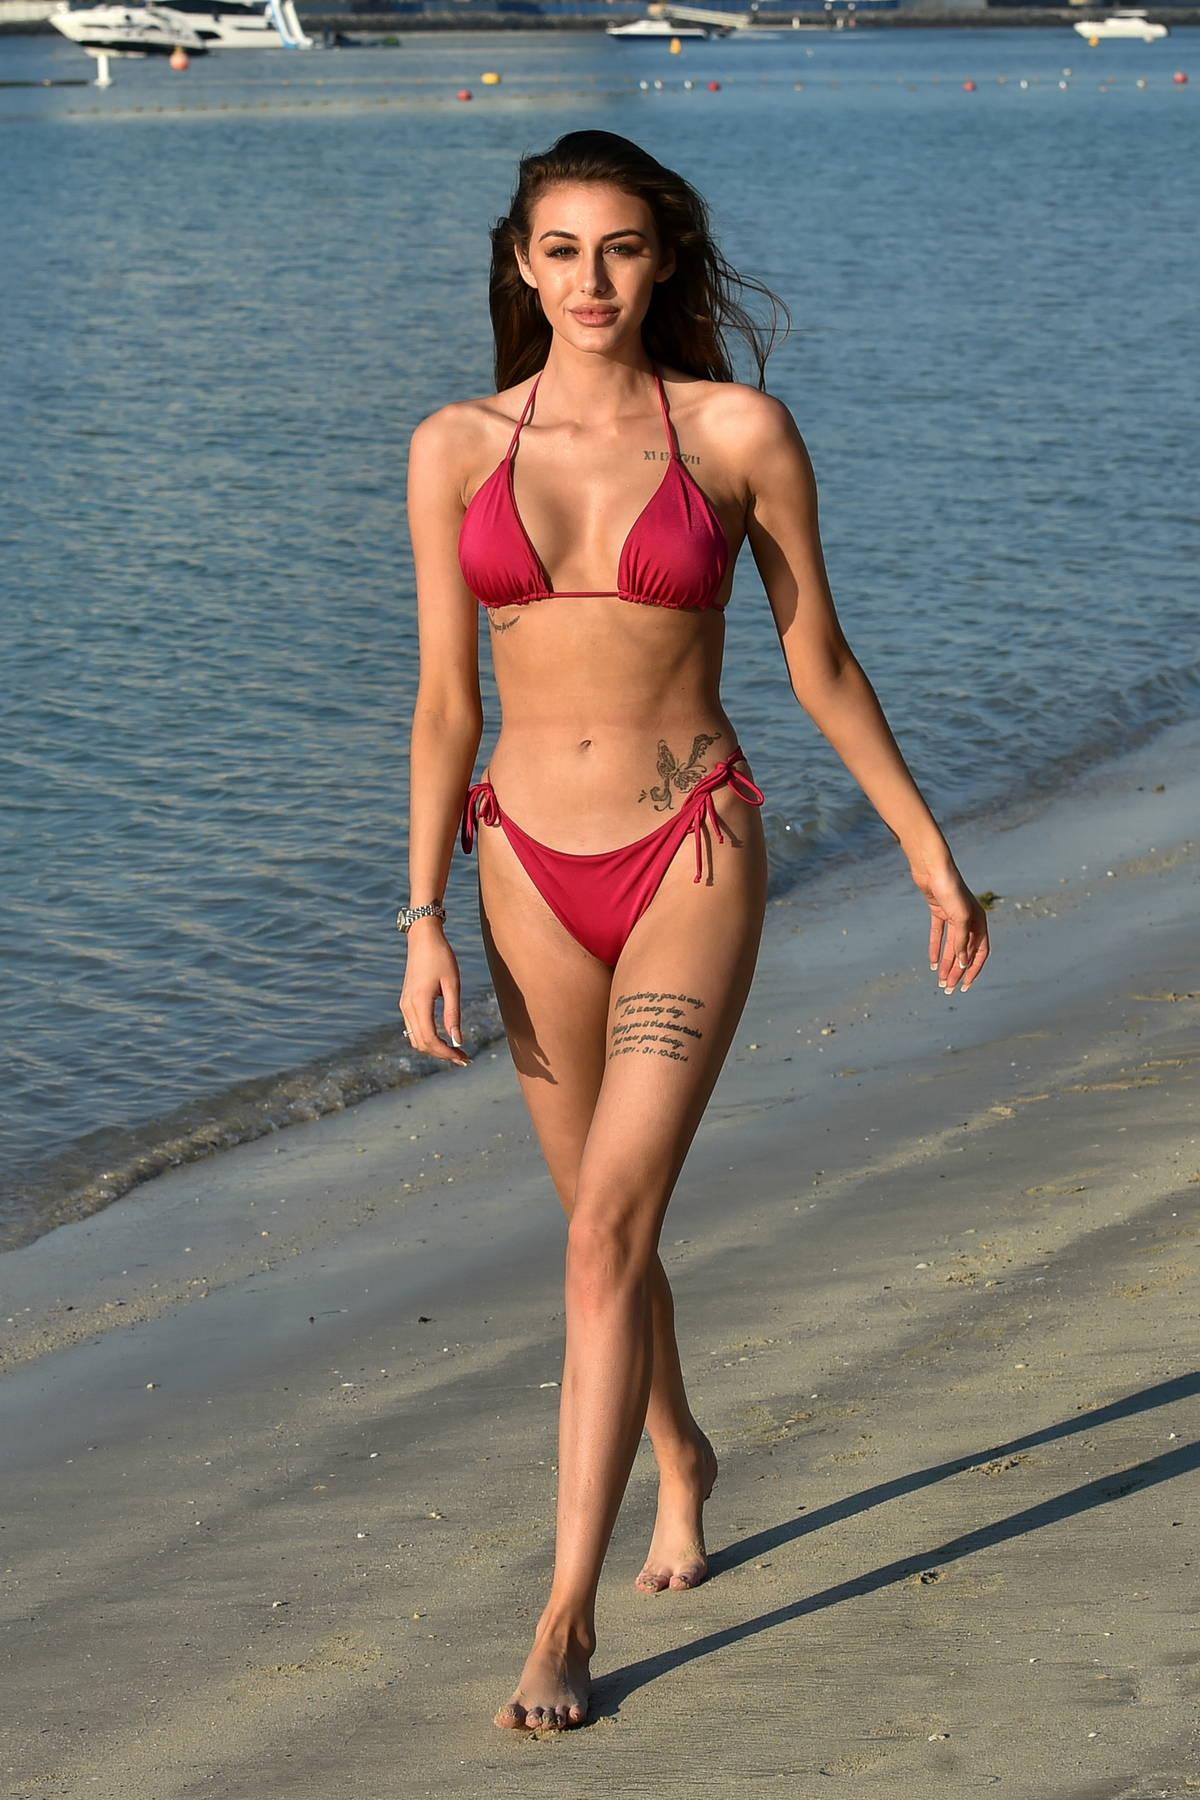 Chloe Veitch puts on a stunning display as she hits the beach in a red bikini in Dubai, UAE